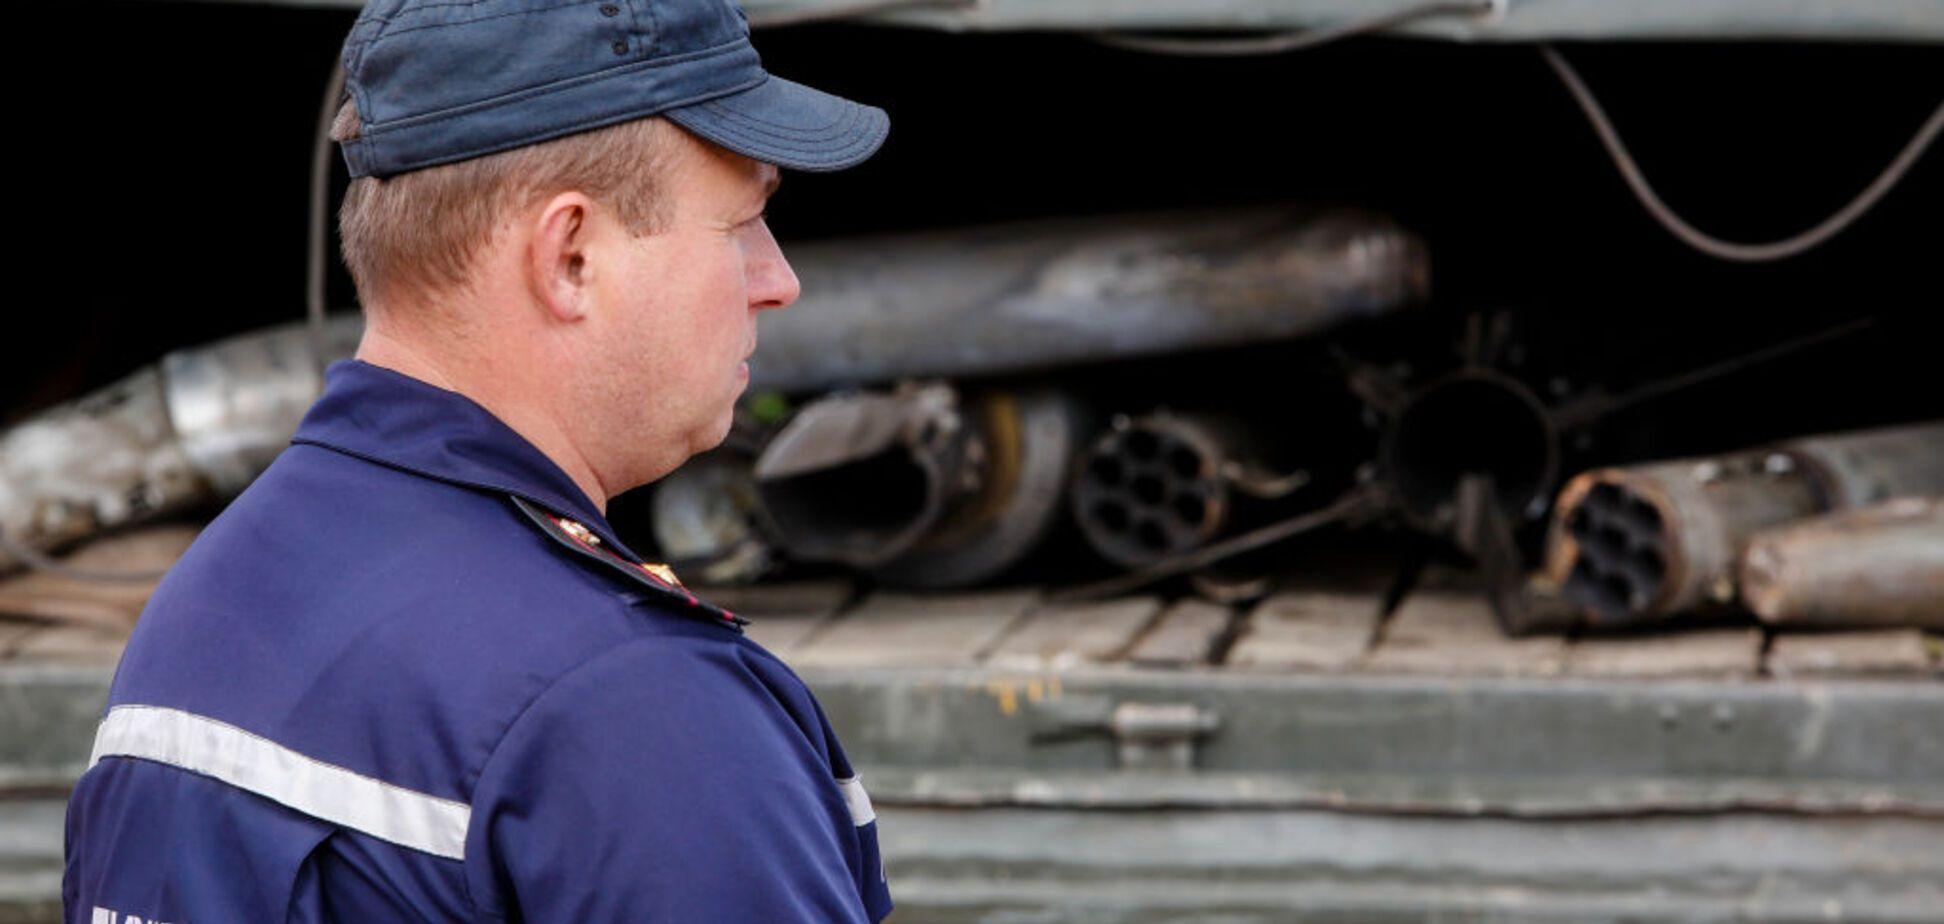 Взрывы в Калиновке: Матиос прокомментировал информацию о диверсантах и беспилотнике